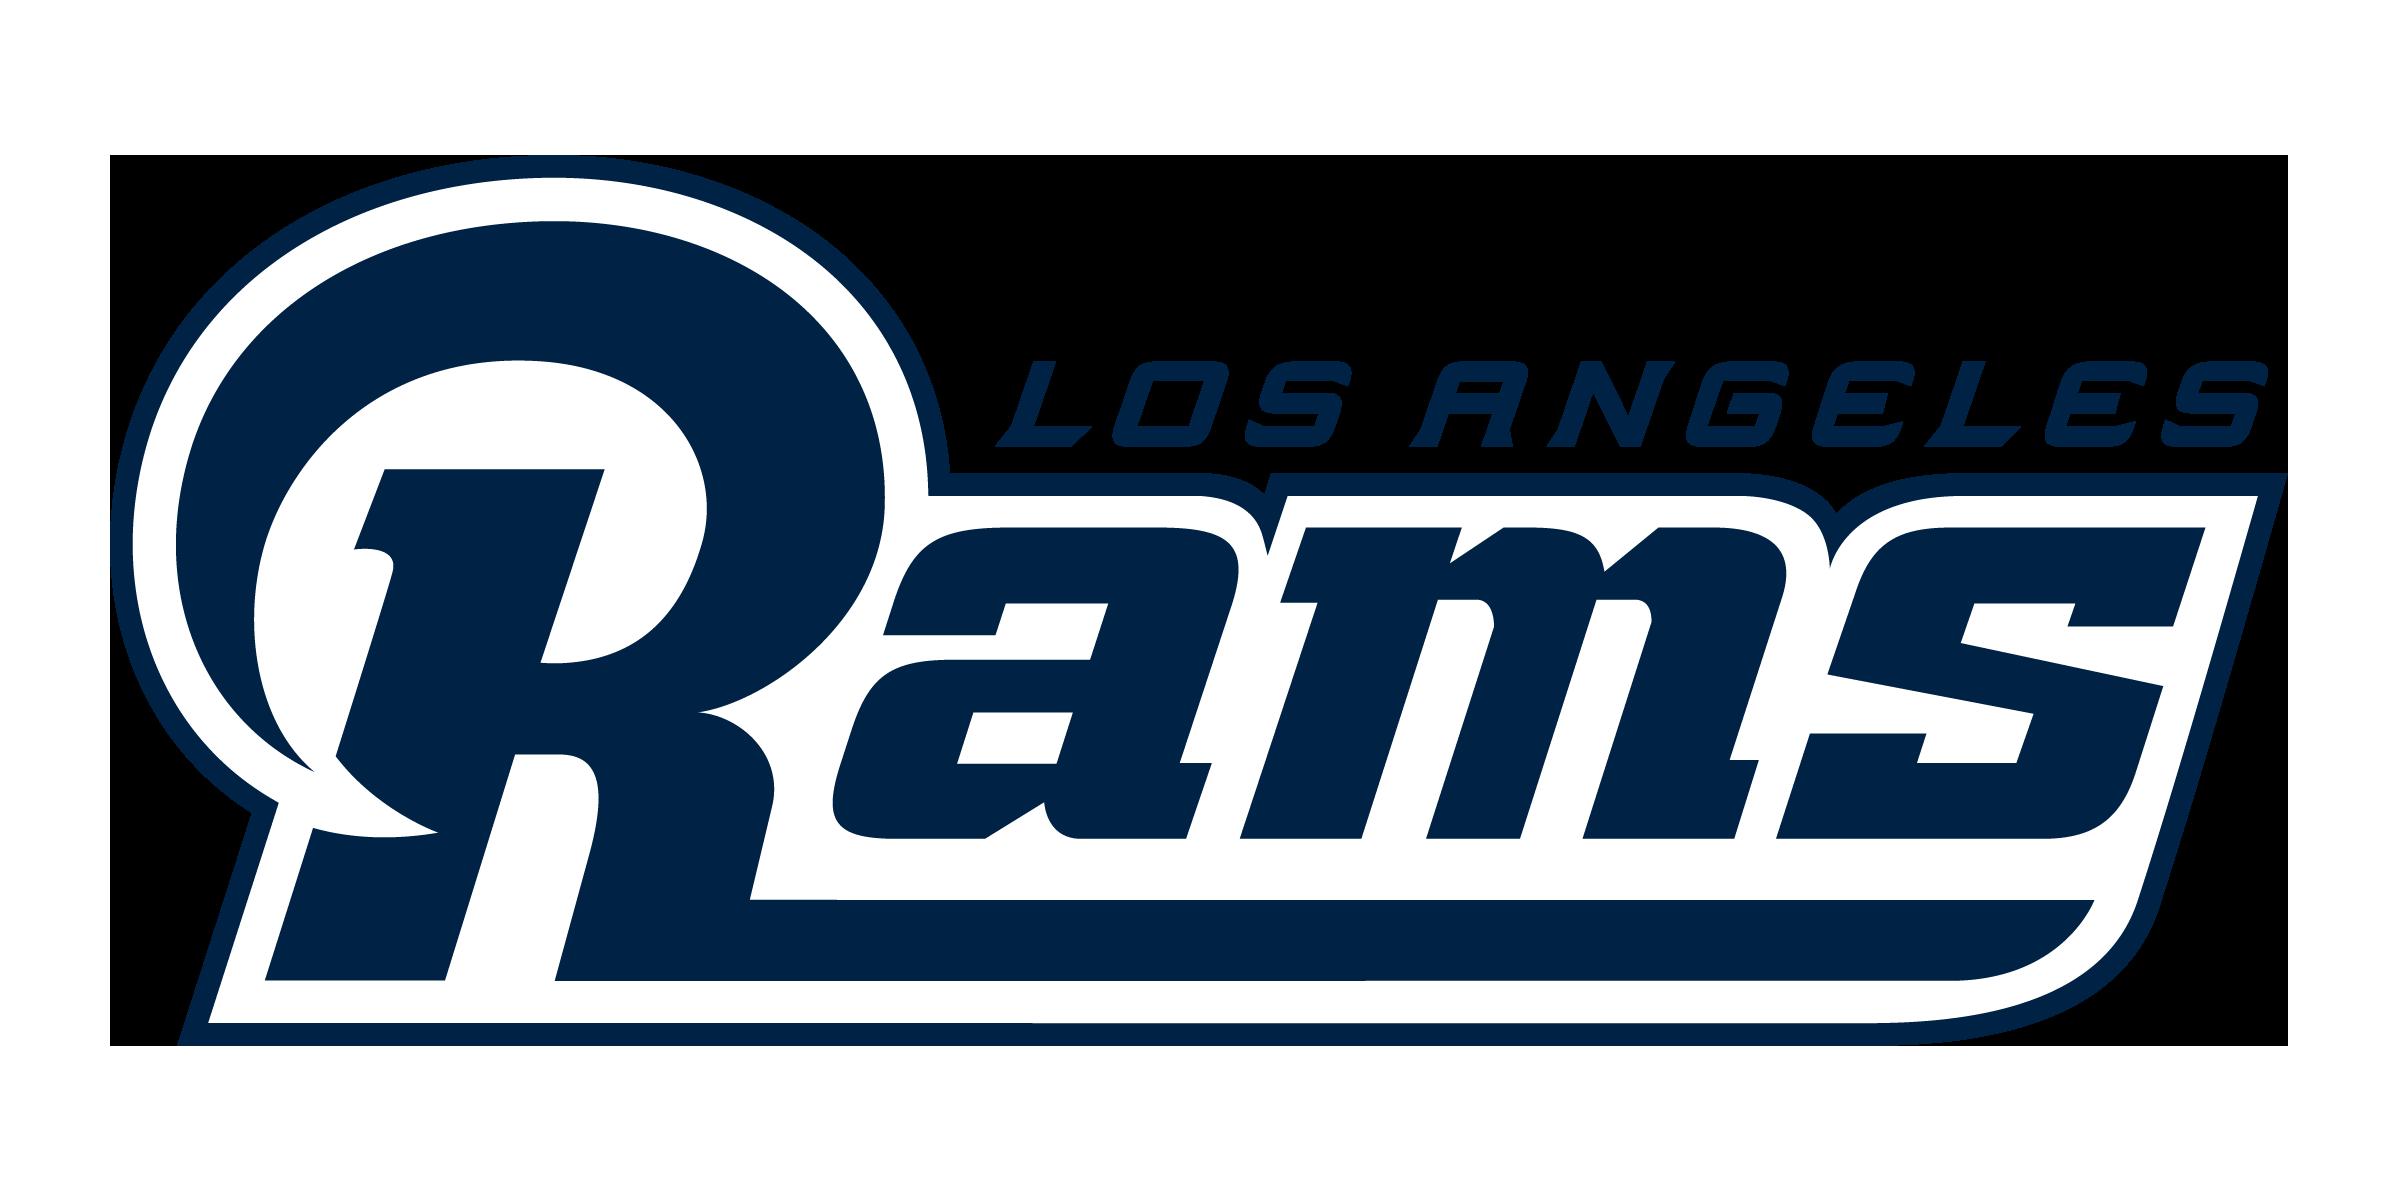 Los Angeles Rams (NFL)